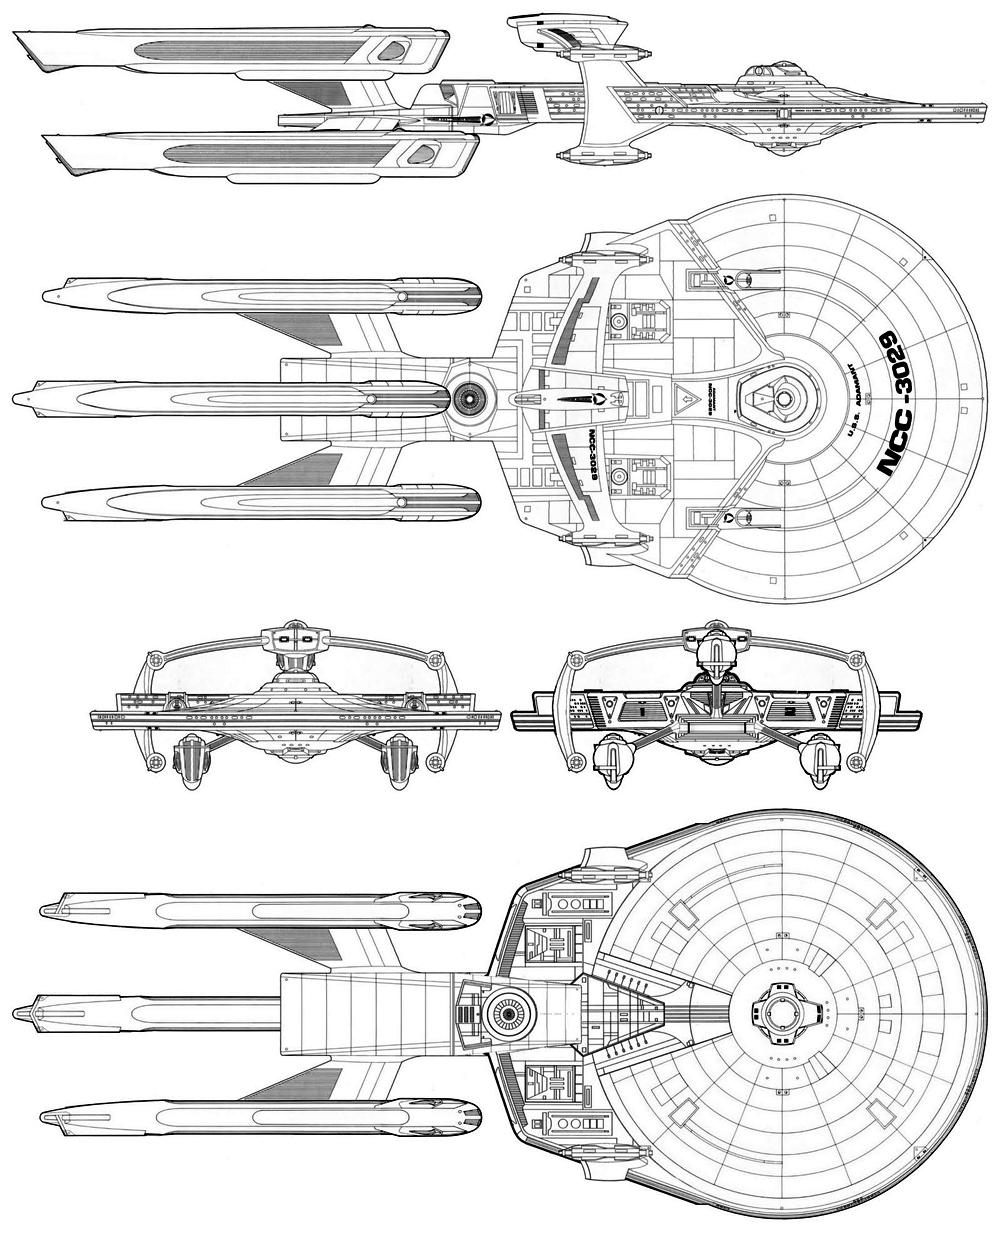 Adamant Class XIII Dreadnought